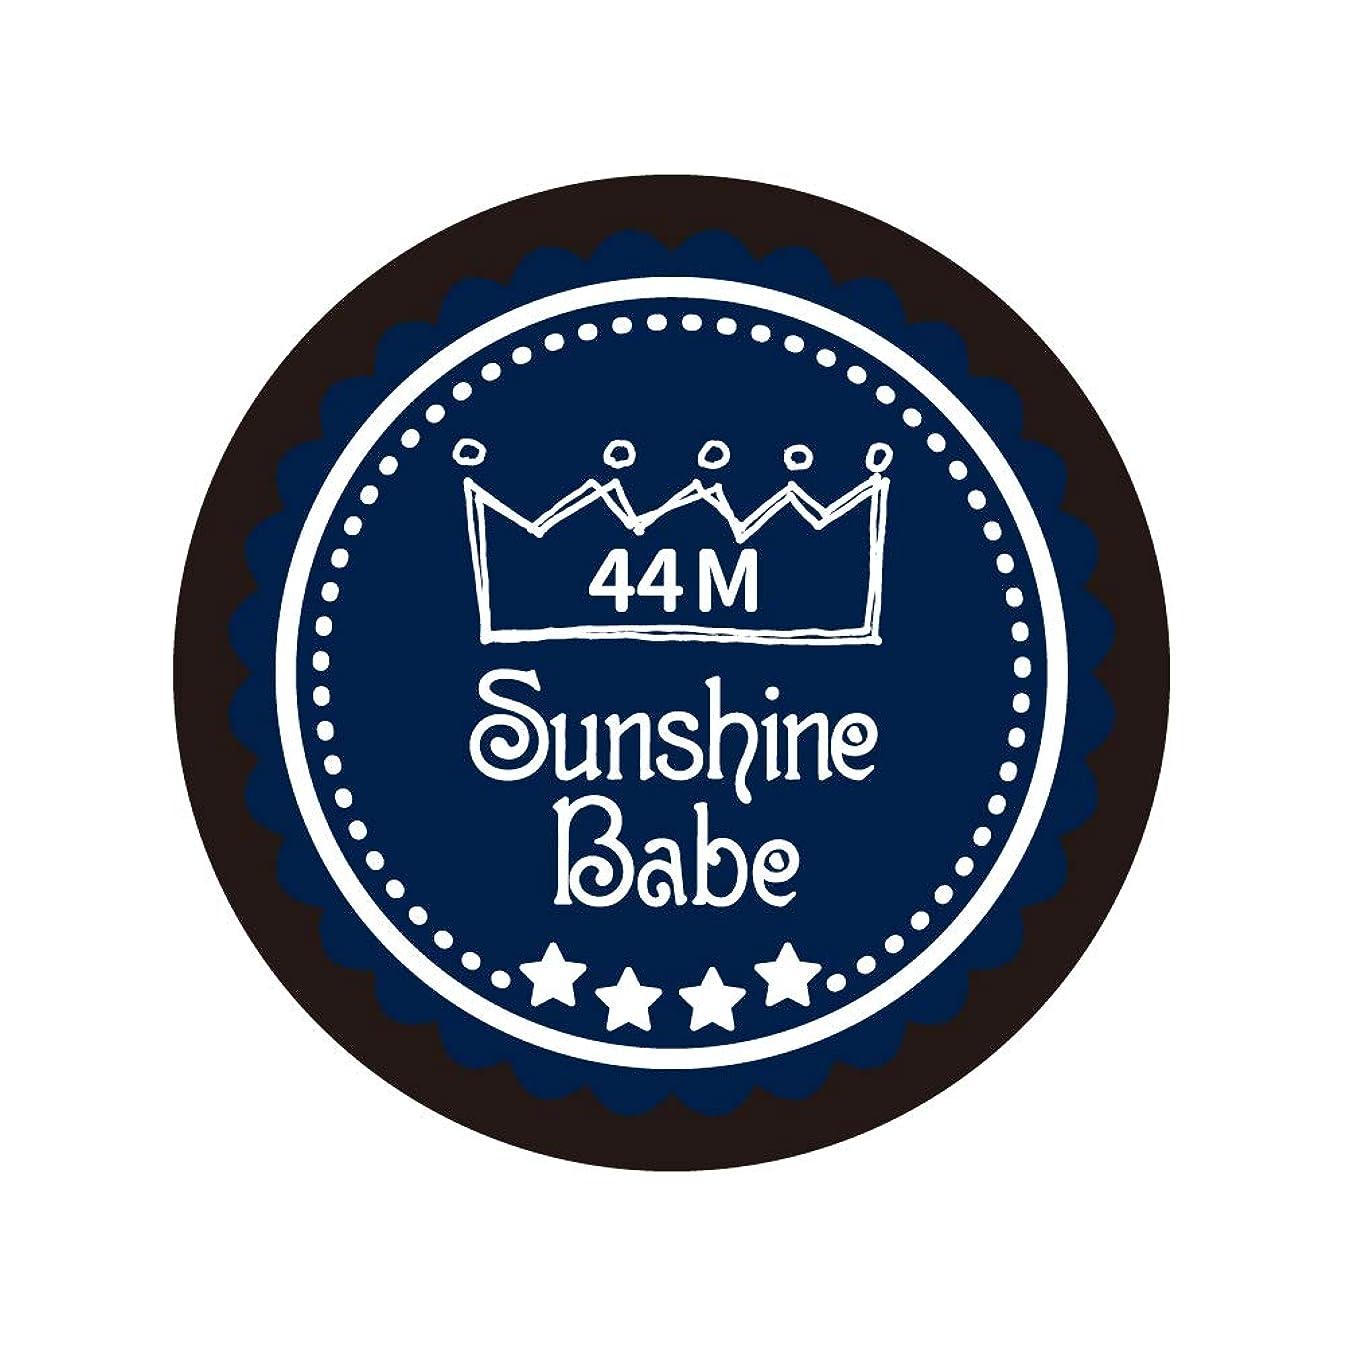 護衛お茶開発Sunshine Babe カラージェル 44M クラシックネイビー 2.7g UV/LED対応